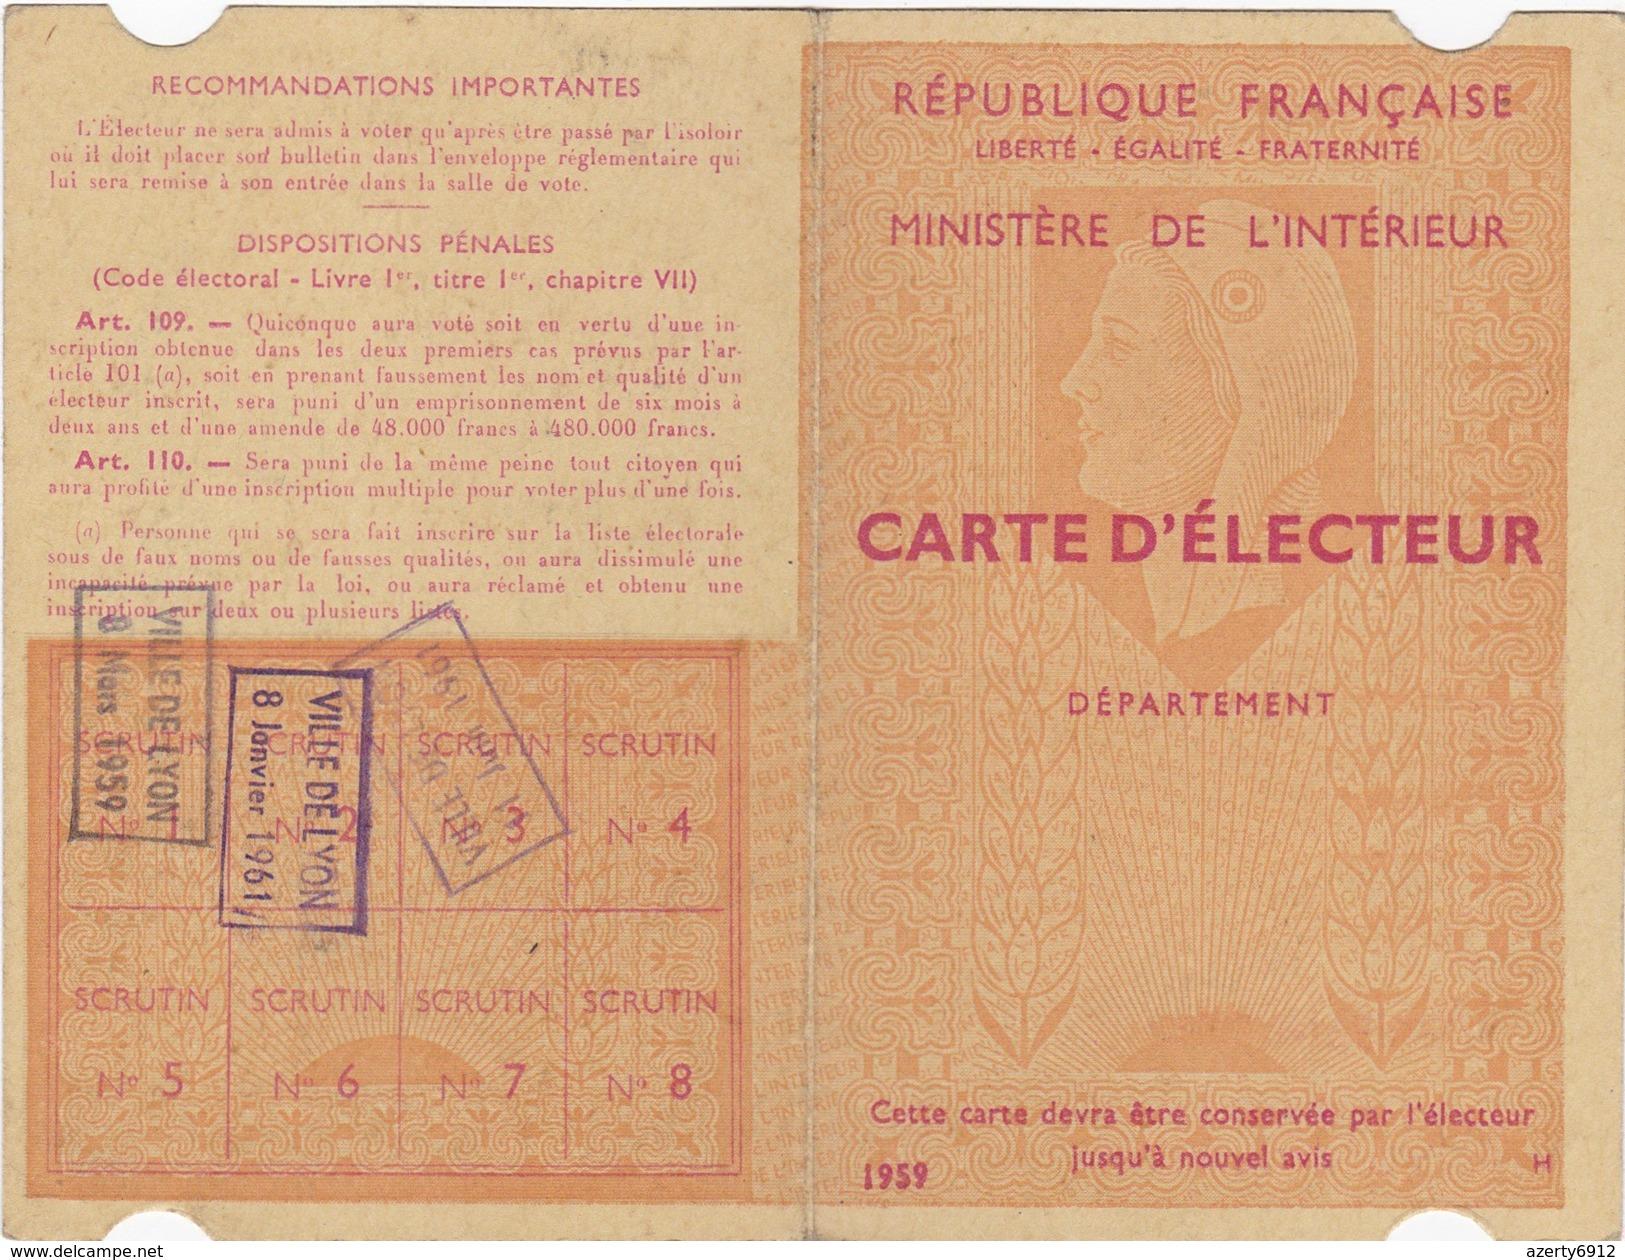 VIEUX PAPIER CARTE ELECTEUR DE 1959 DE LYON - Cartes